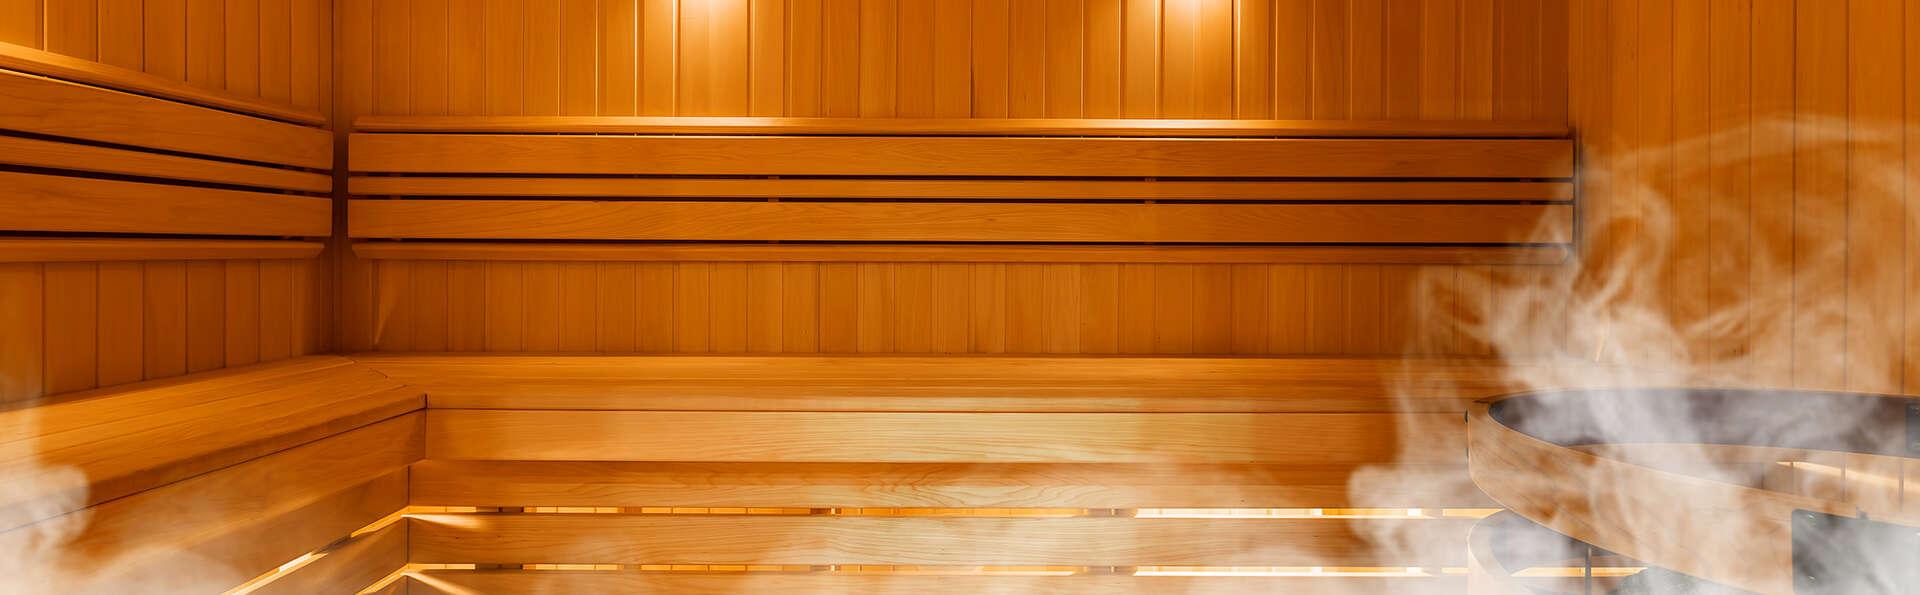 Weekend de luxe en junior suite et accès privatif au sauna au Cap d'Agde